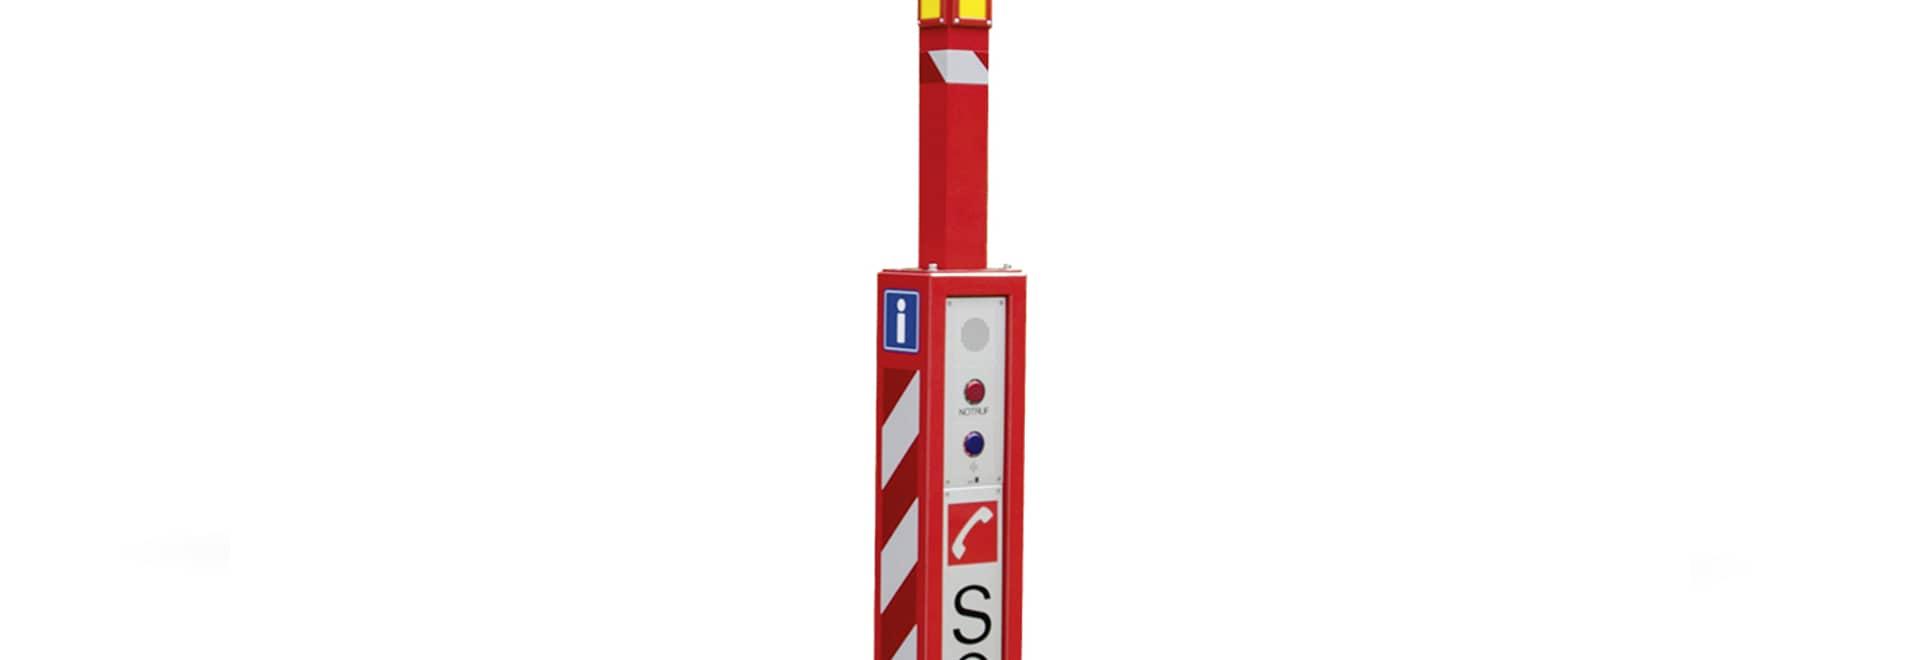 Pilastro di chiamata d'emergenza mobile